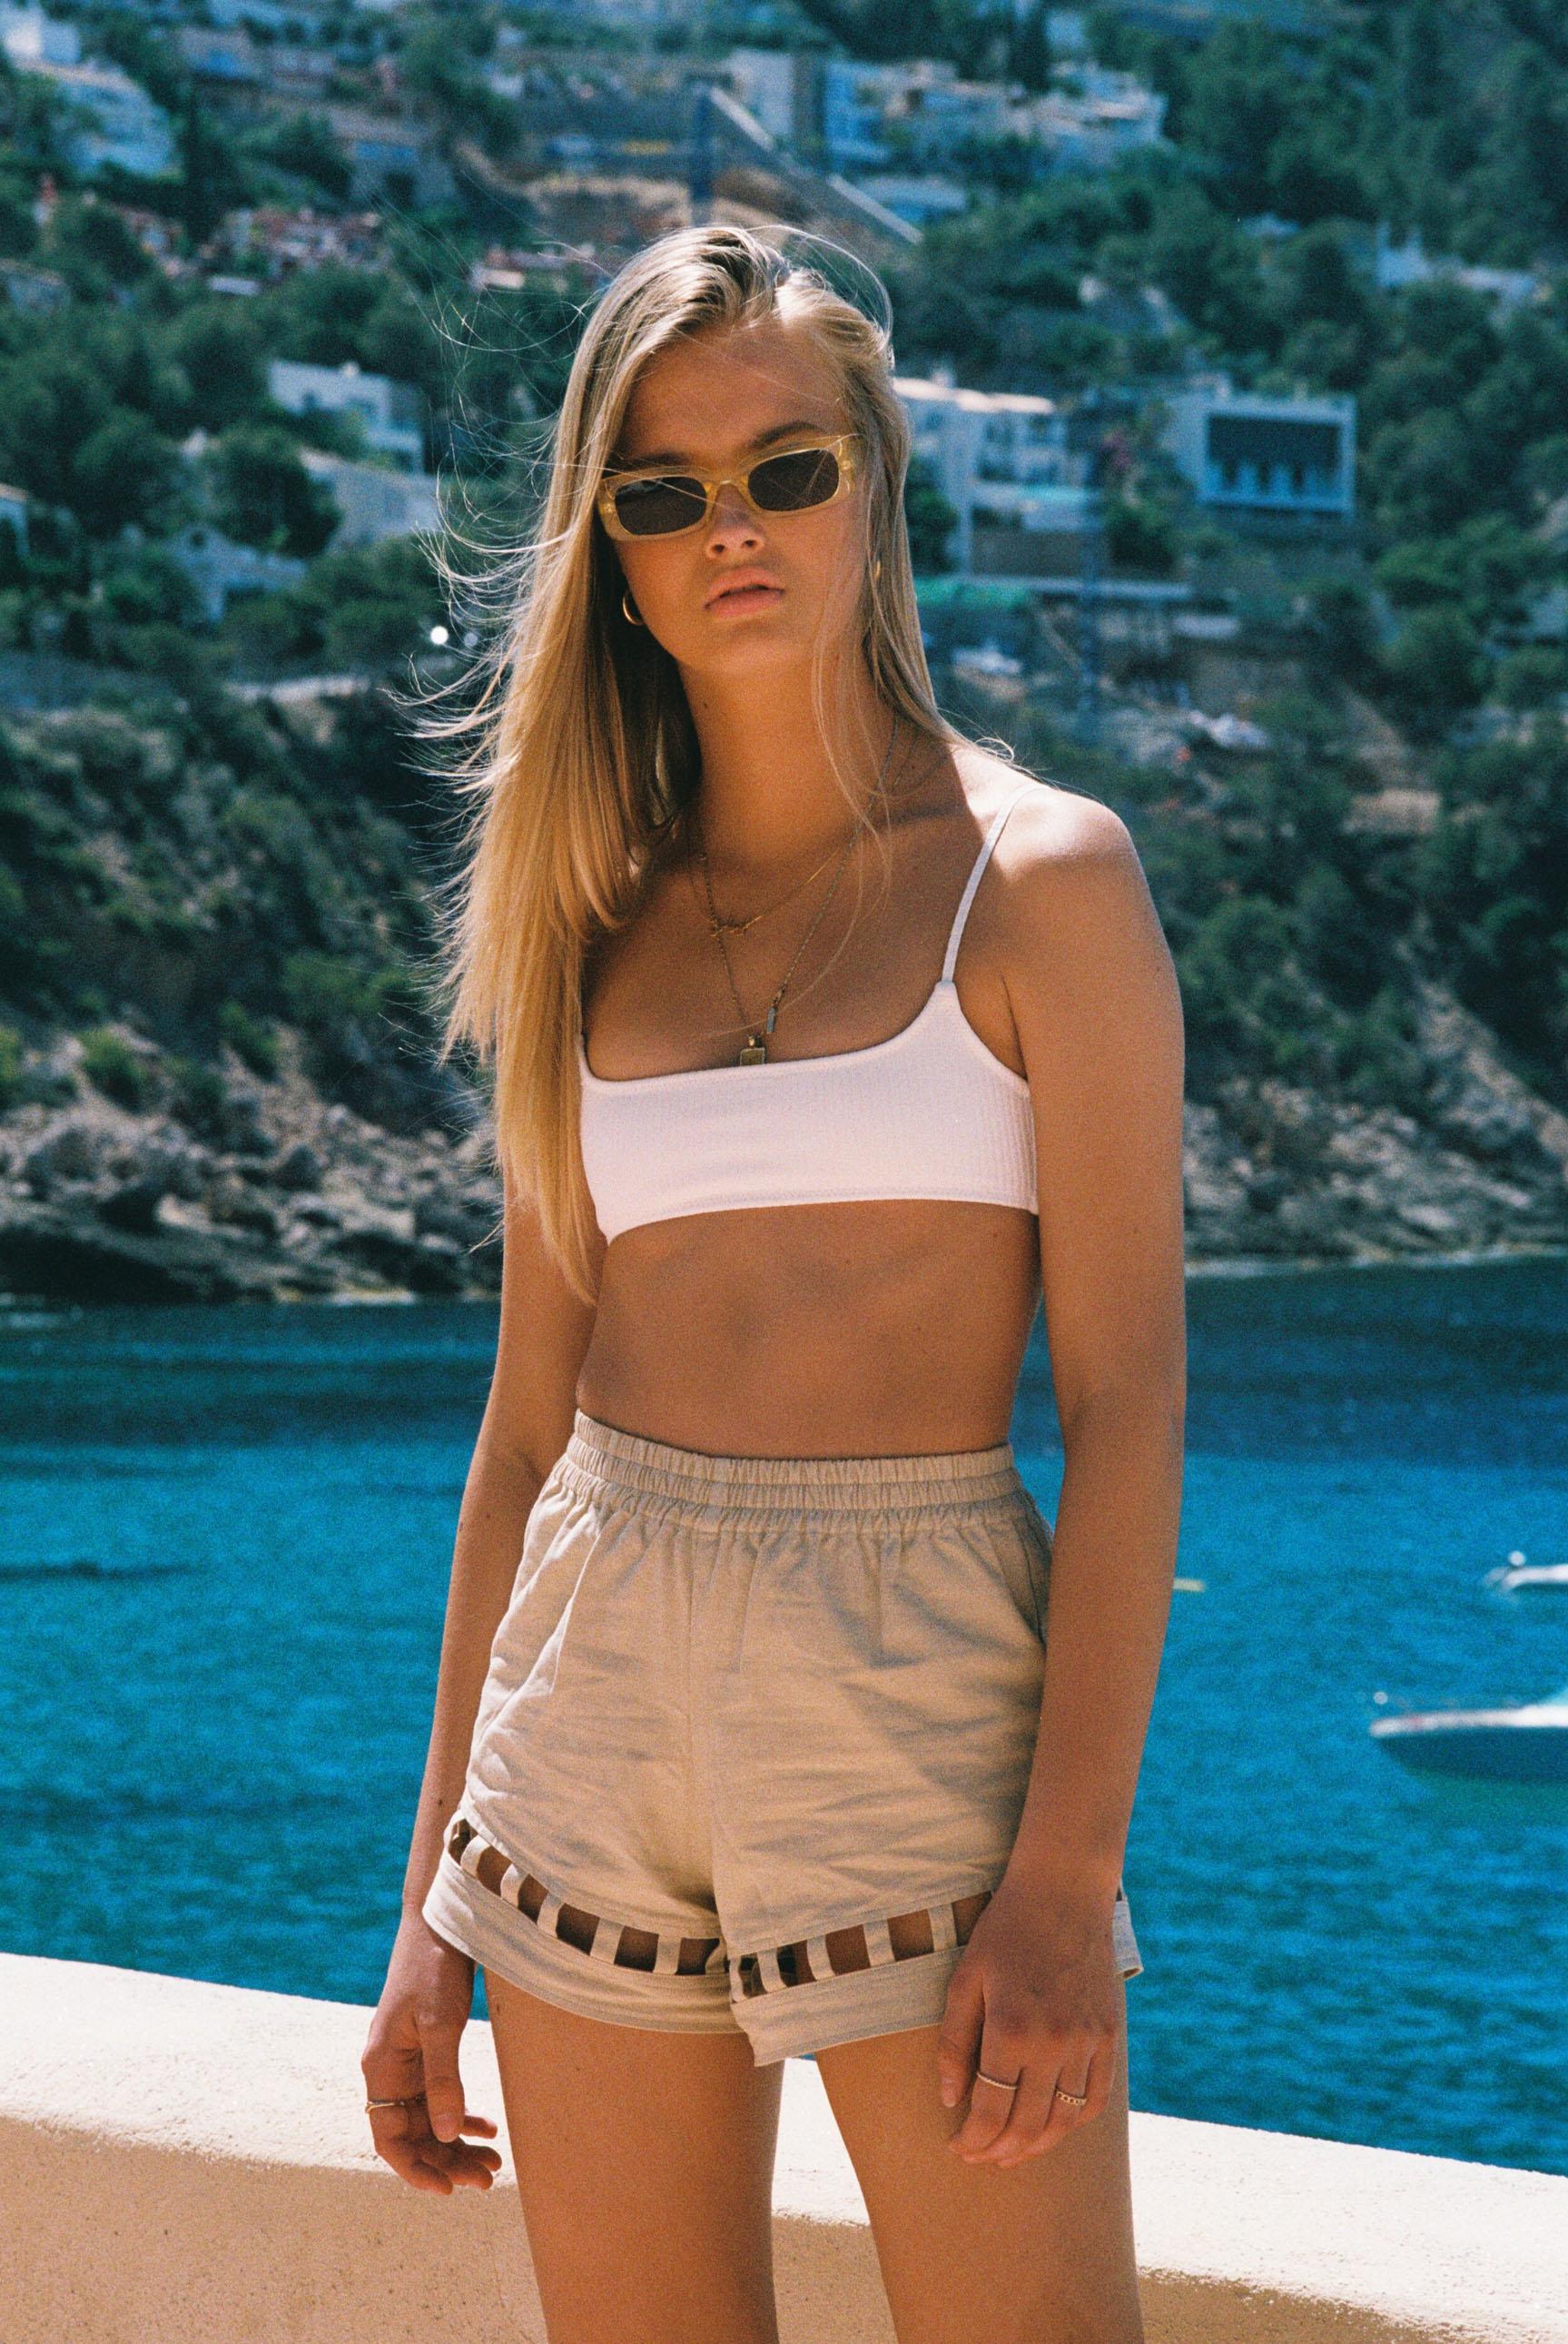 Бритни ван дер Стин в пляжной одежде модного бренда Rada Bryant, весна-лето 2020 / фото 16